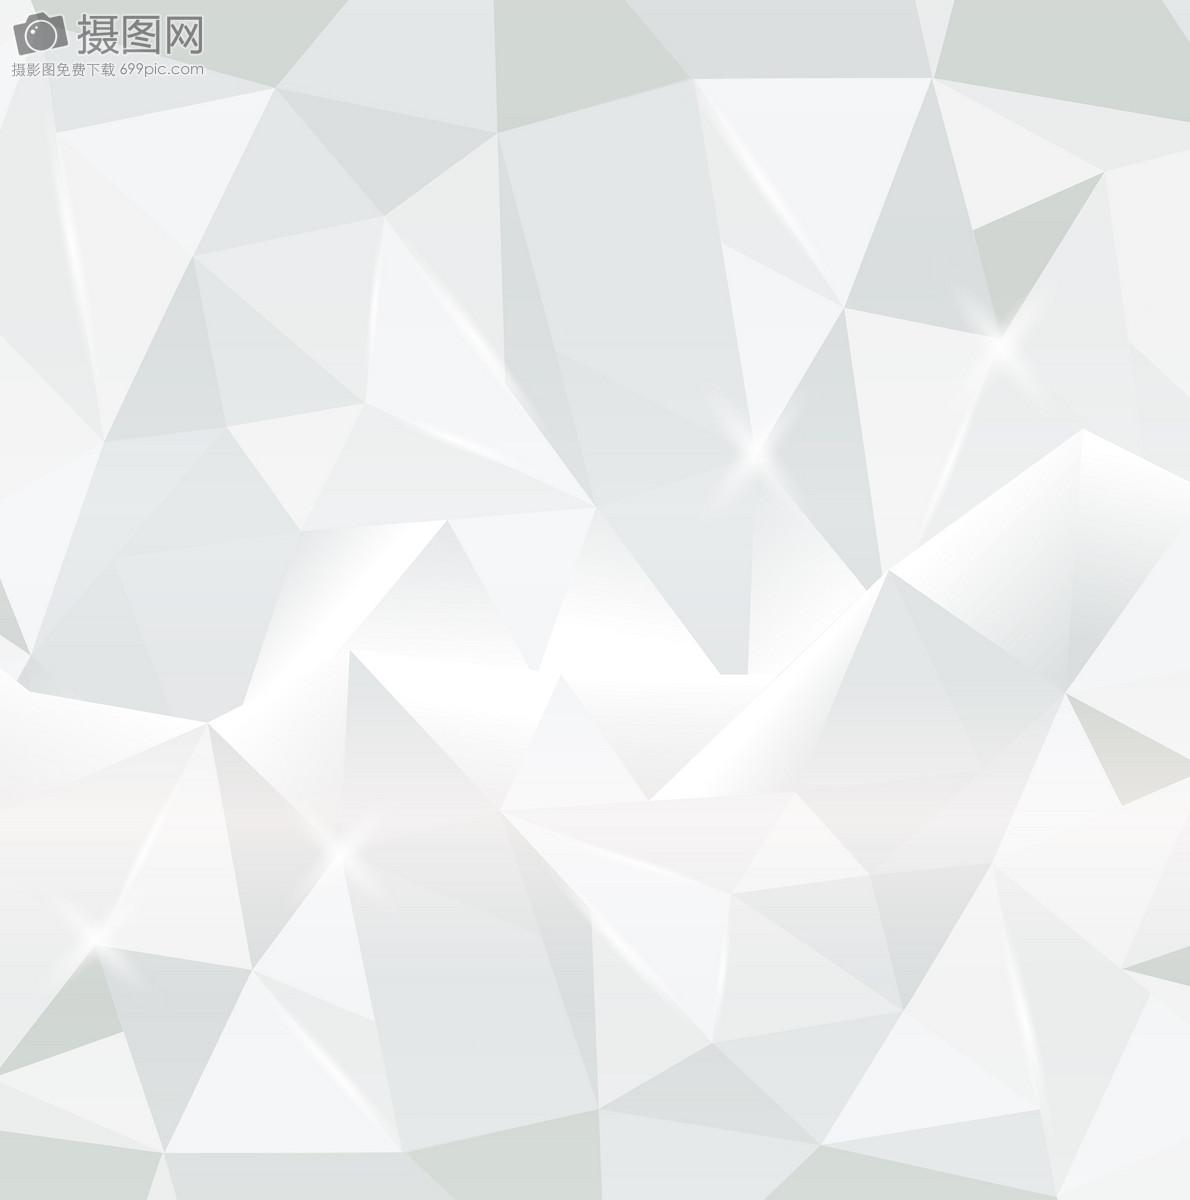 灰色系质感纹理背景